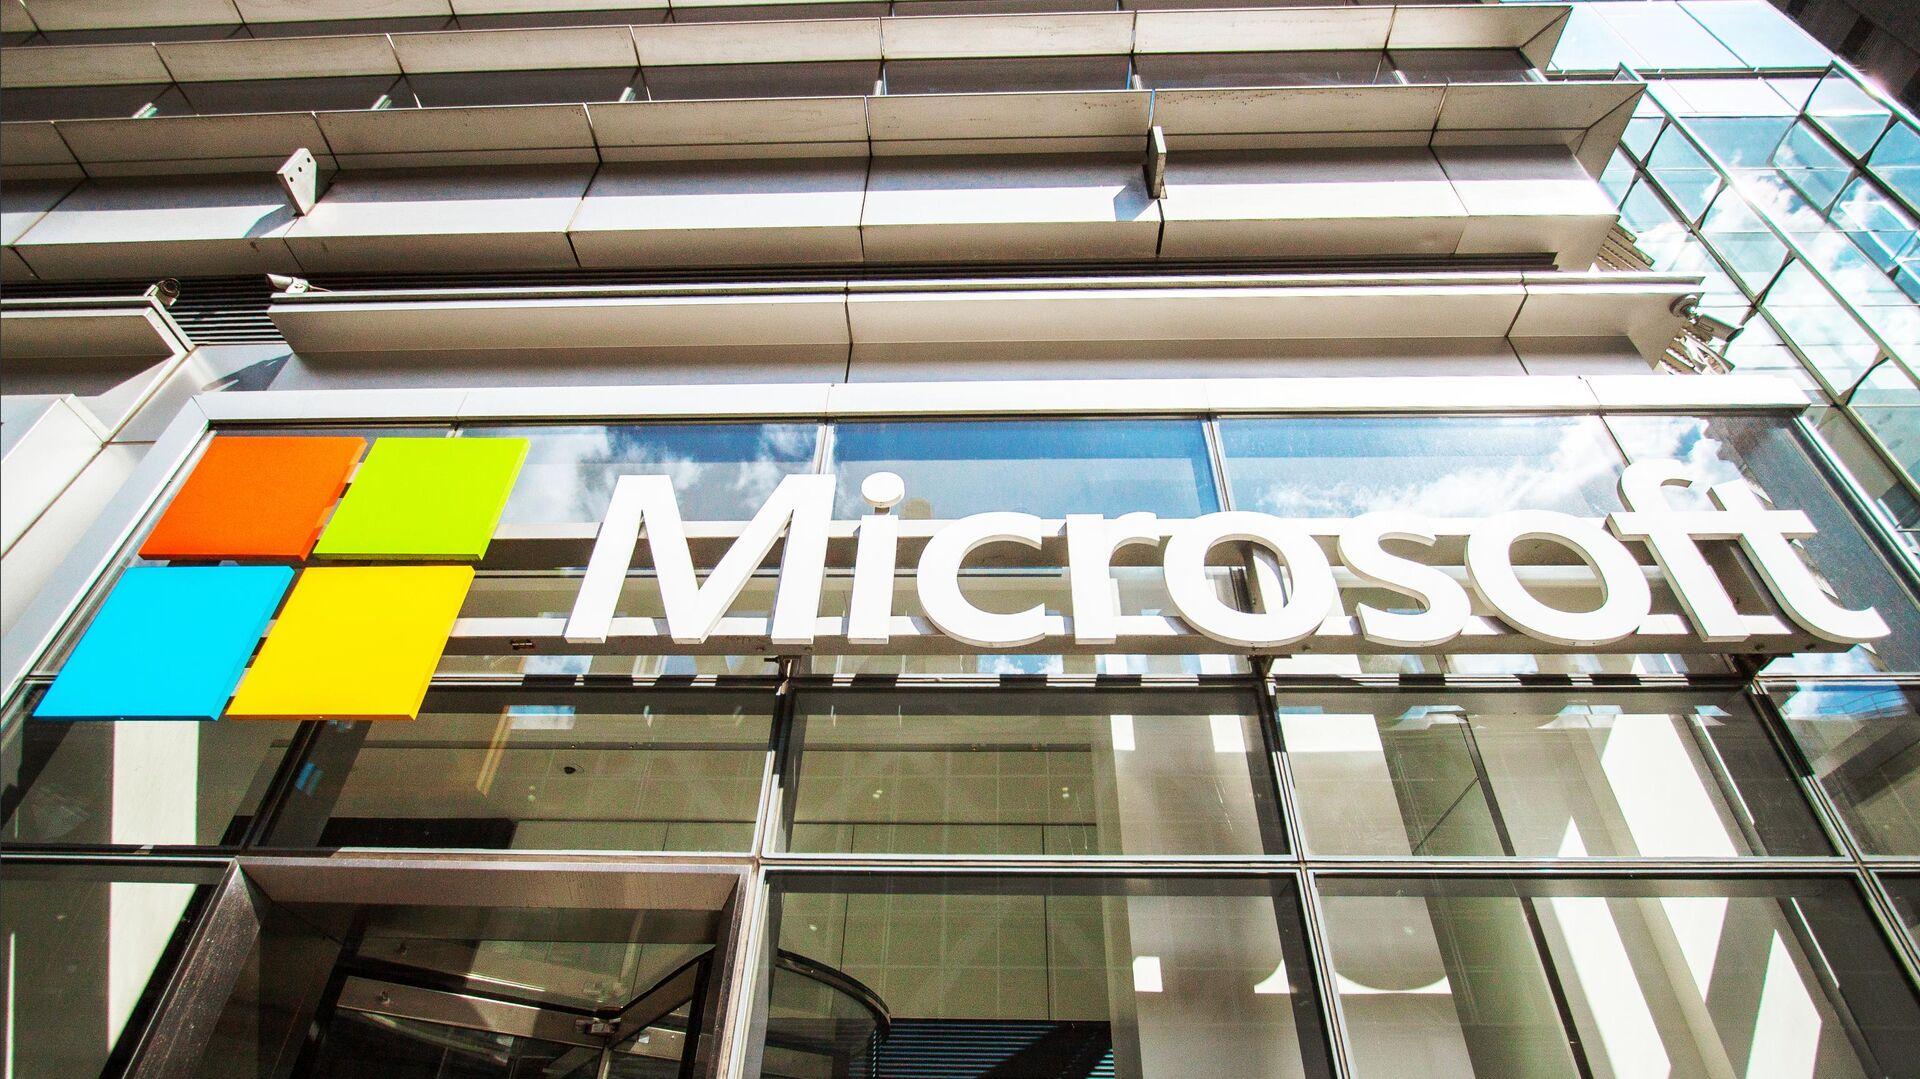 Офис Microsoft на Манхэттене - РИА Новости, 1920, 19.10.2020